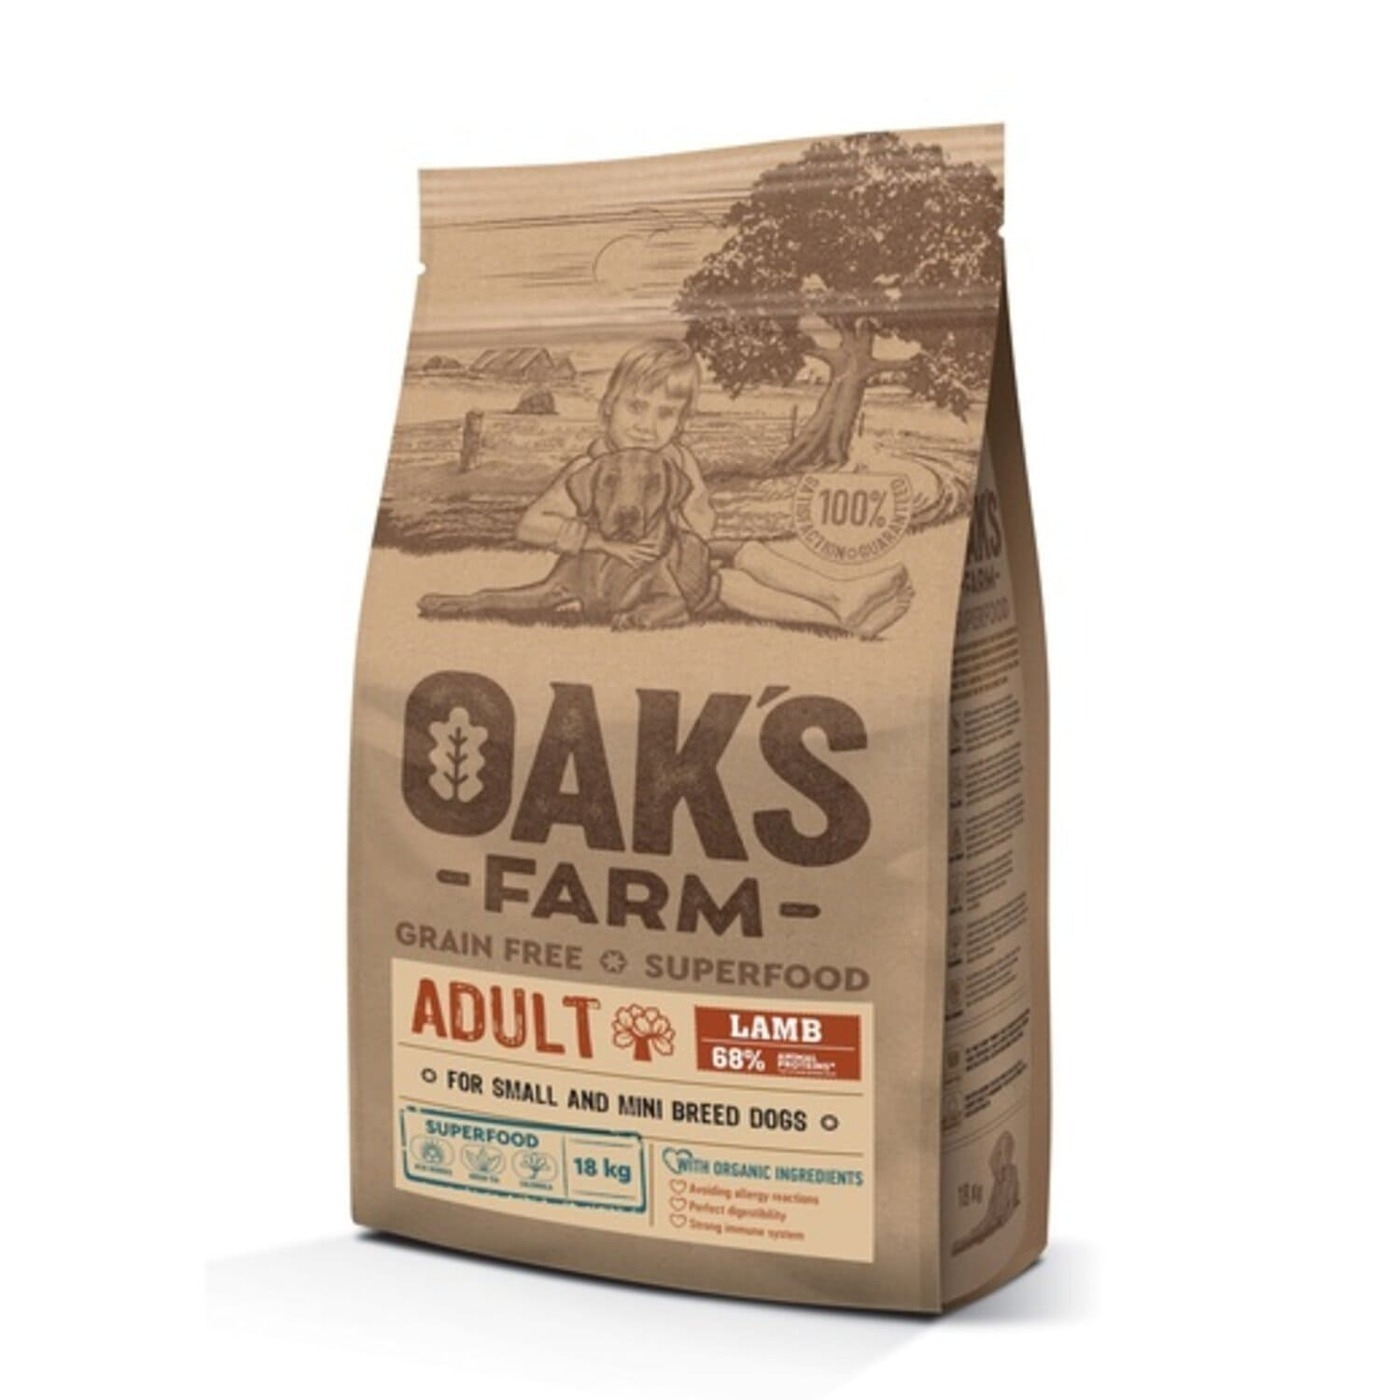 Oaks Farm GF сухой корм для собак мелких и карликовых пород, ягненок 18 кг